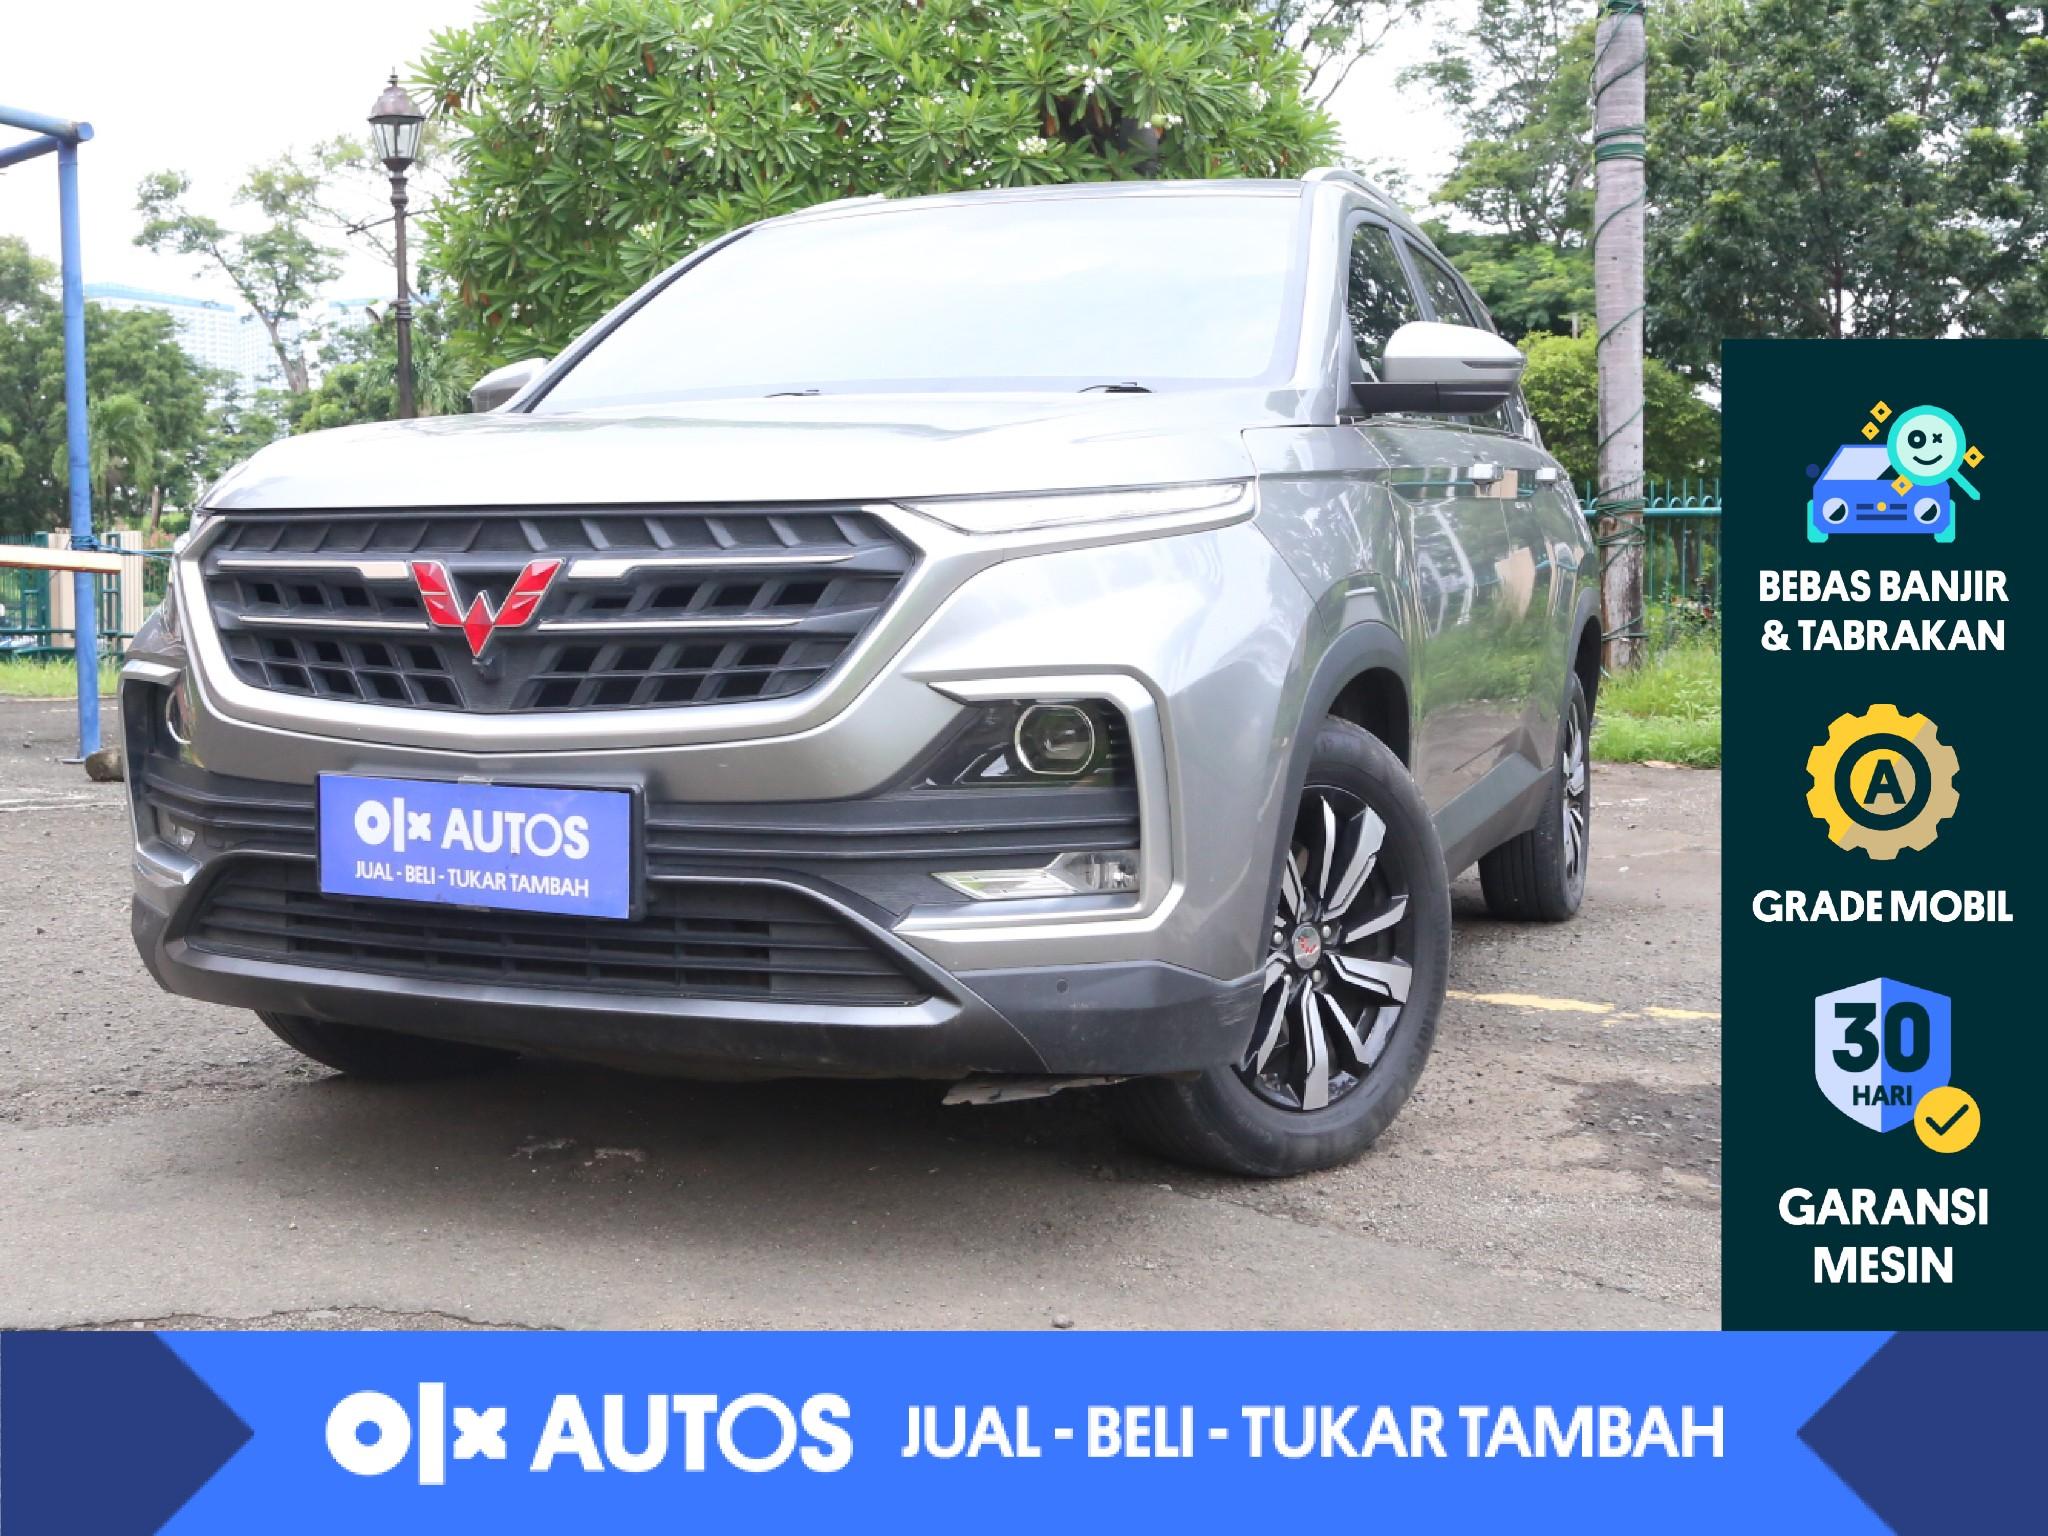 [OLXAutos] Wuling Almaz 1.5 Exclusive 5 Seater 2019 Abu-abu 0